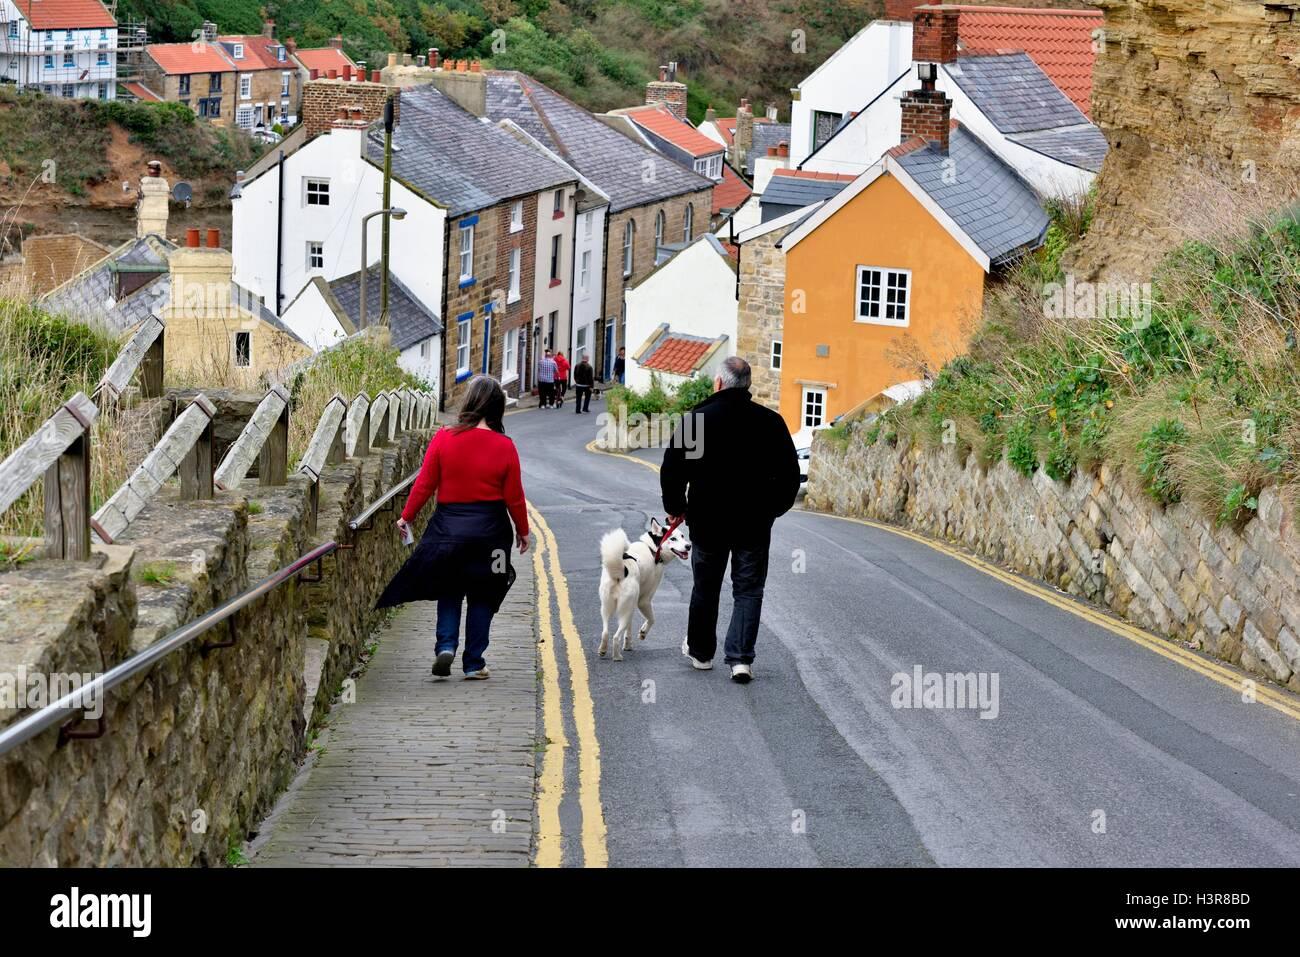 couple walking a dog. - Stock Image